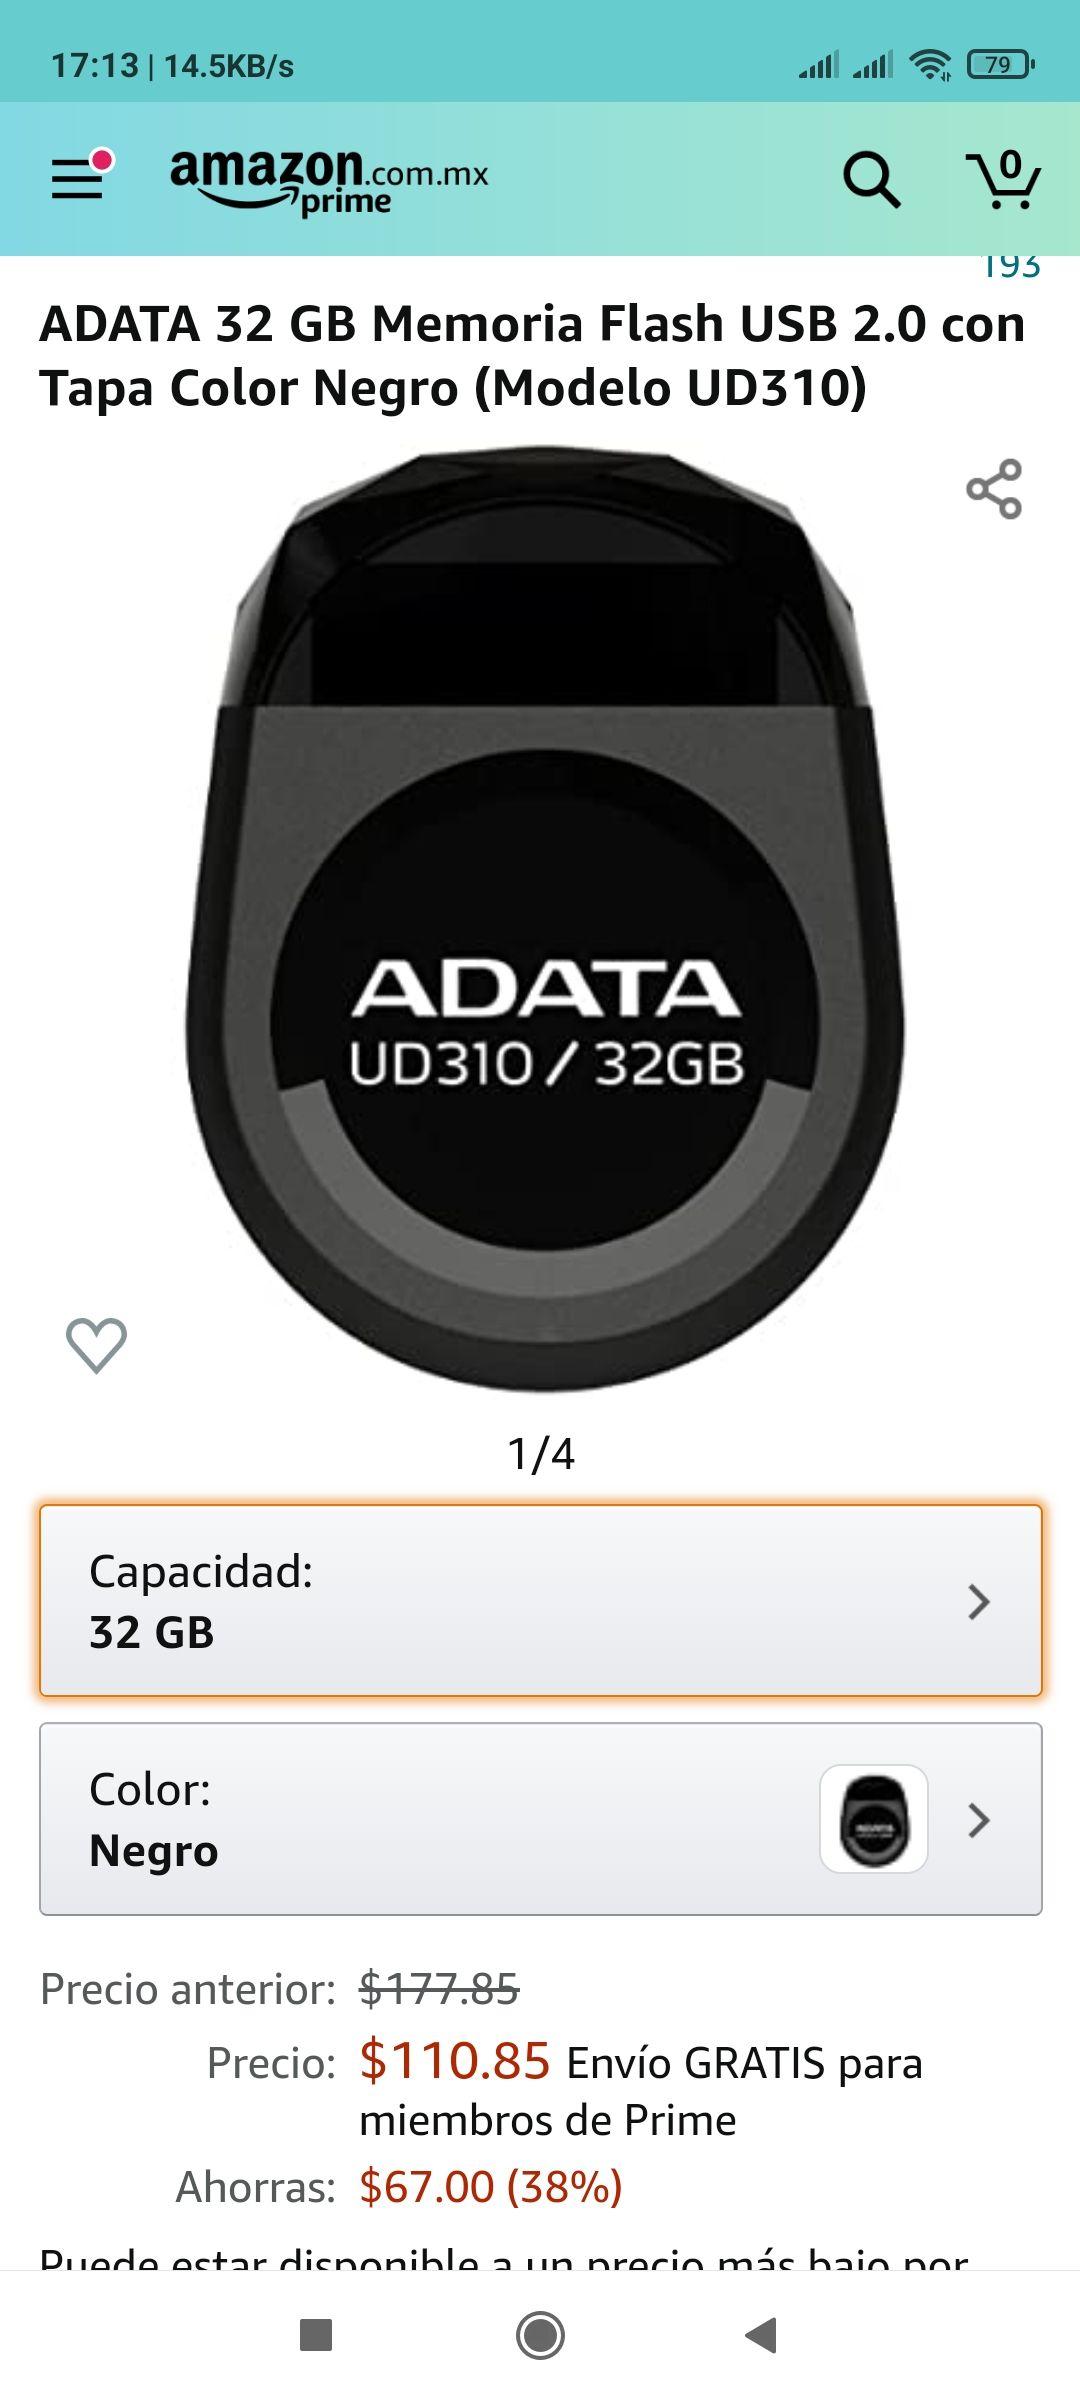 Amazon: ADATA 32 GB Memoria Flash USB 2.0 con Tapa Color Negro (Modelo UD310)